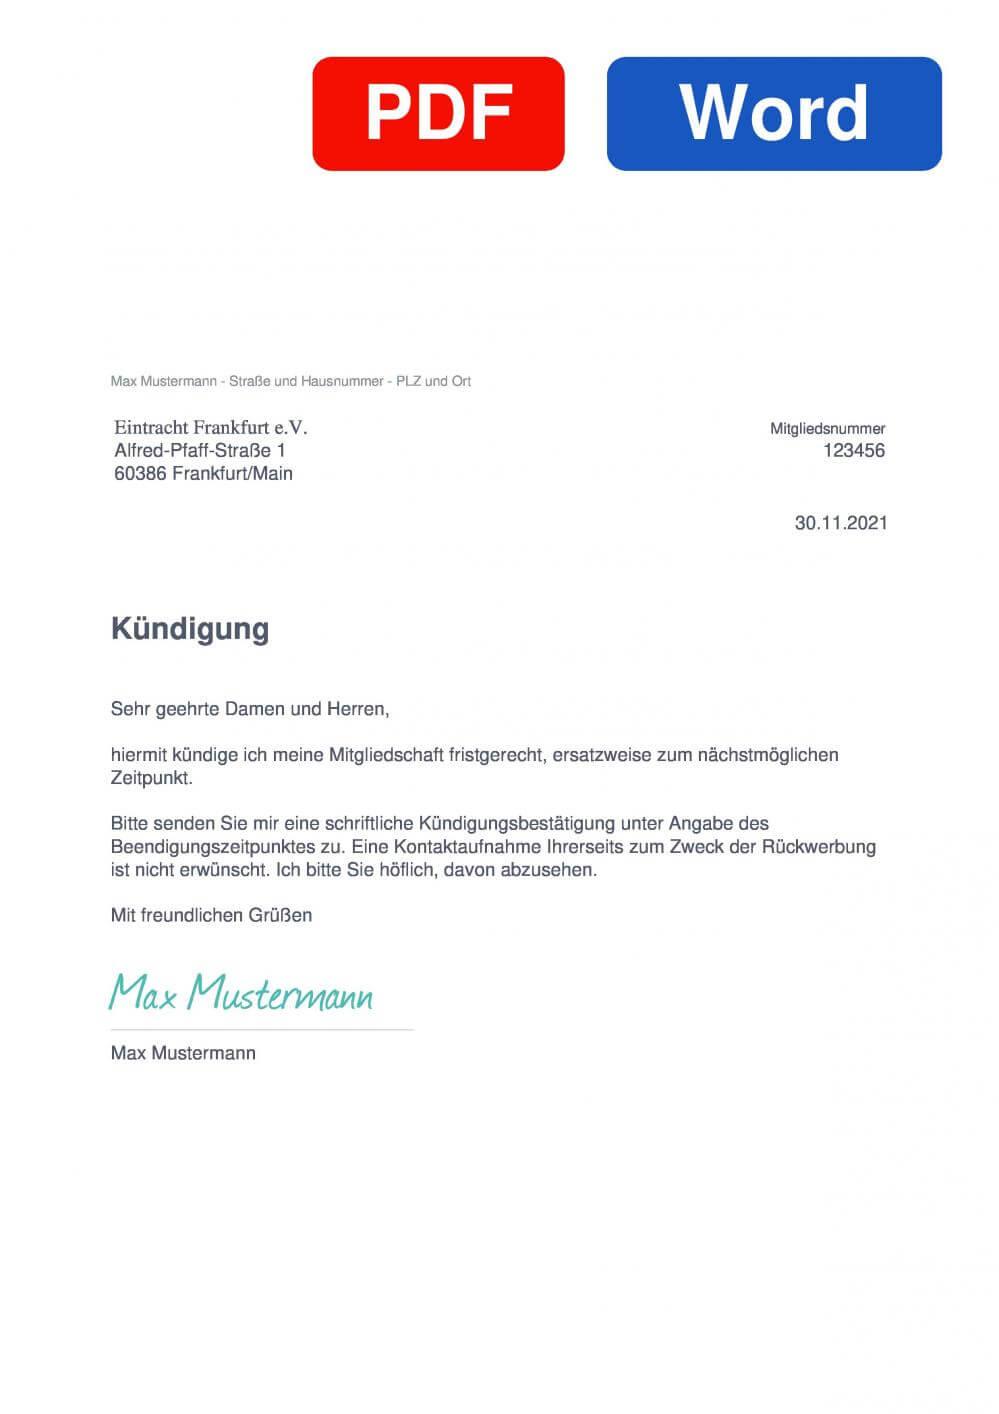 Eintracht Frankfurt Muster Vorlage für Kündigungsschreiben